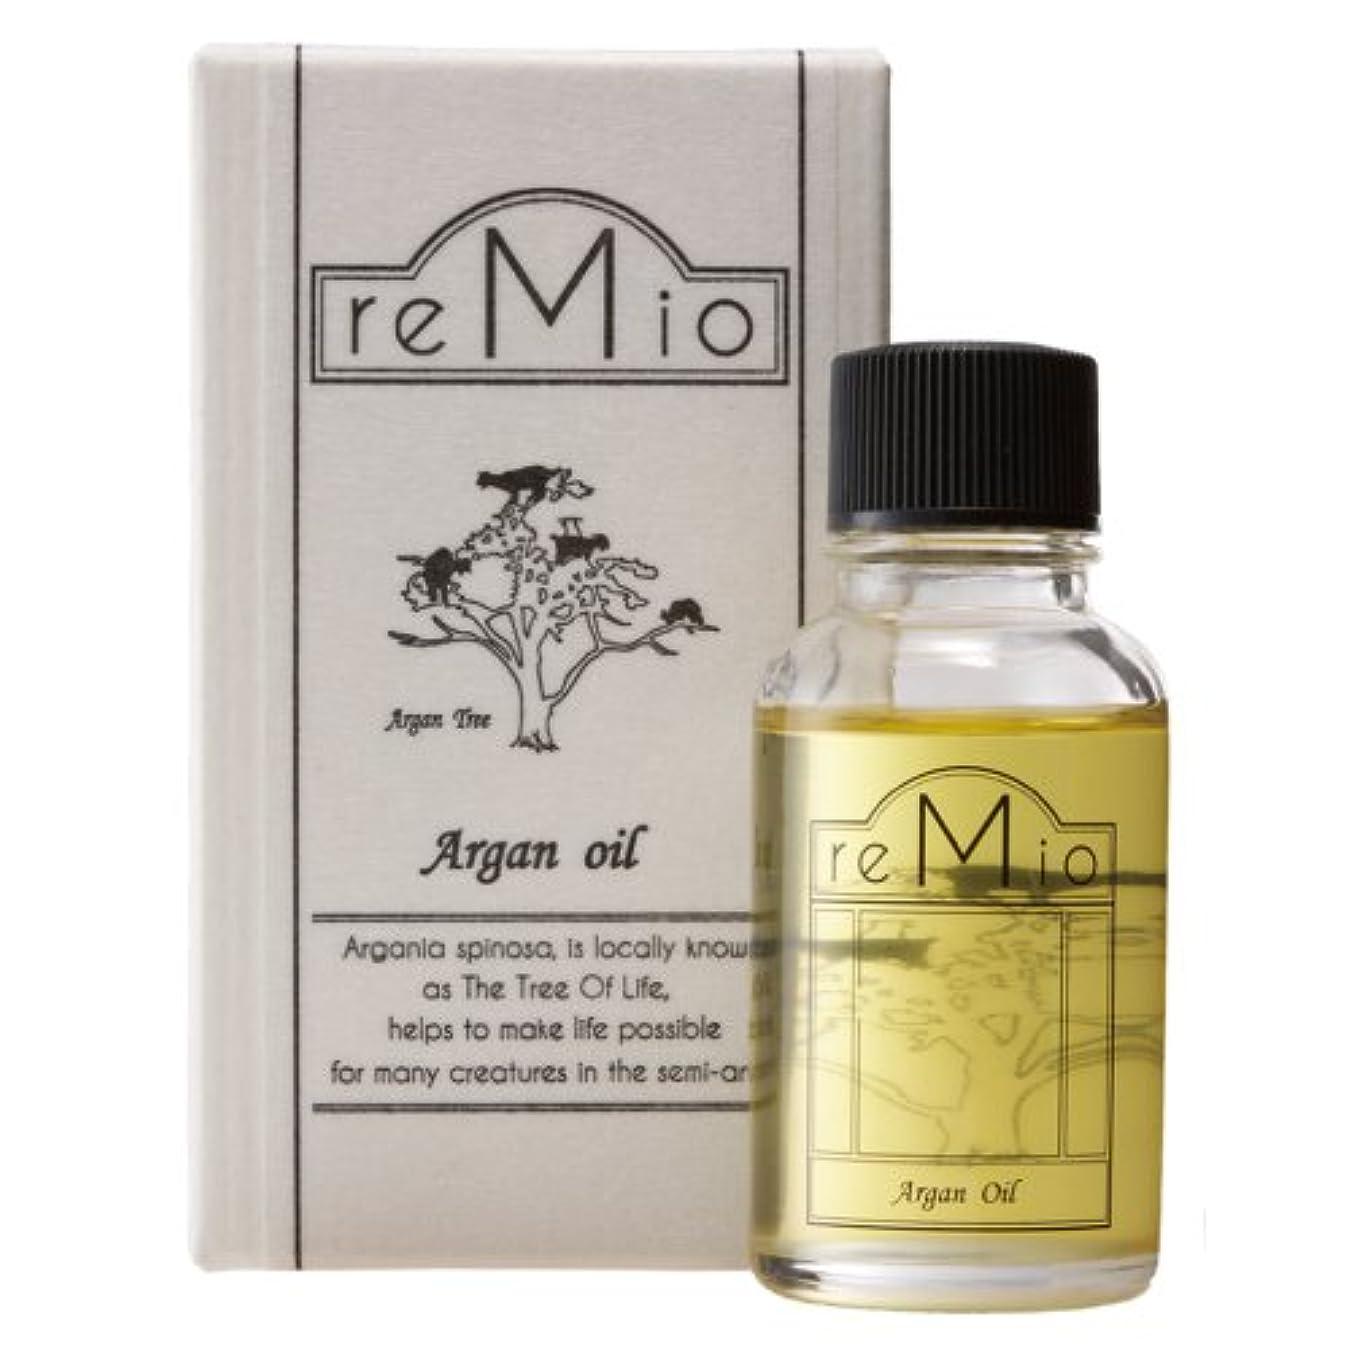 スティック成長するキルトレミオ(REMIO) オーガニックアルガンオイル